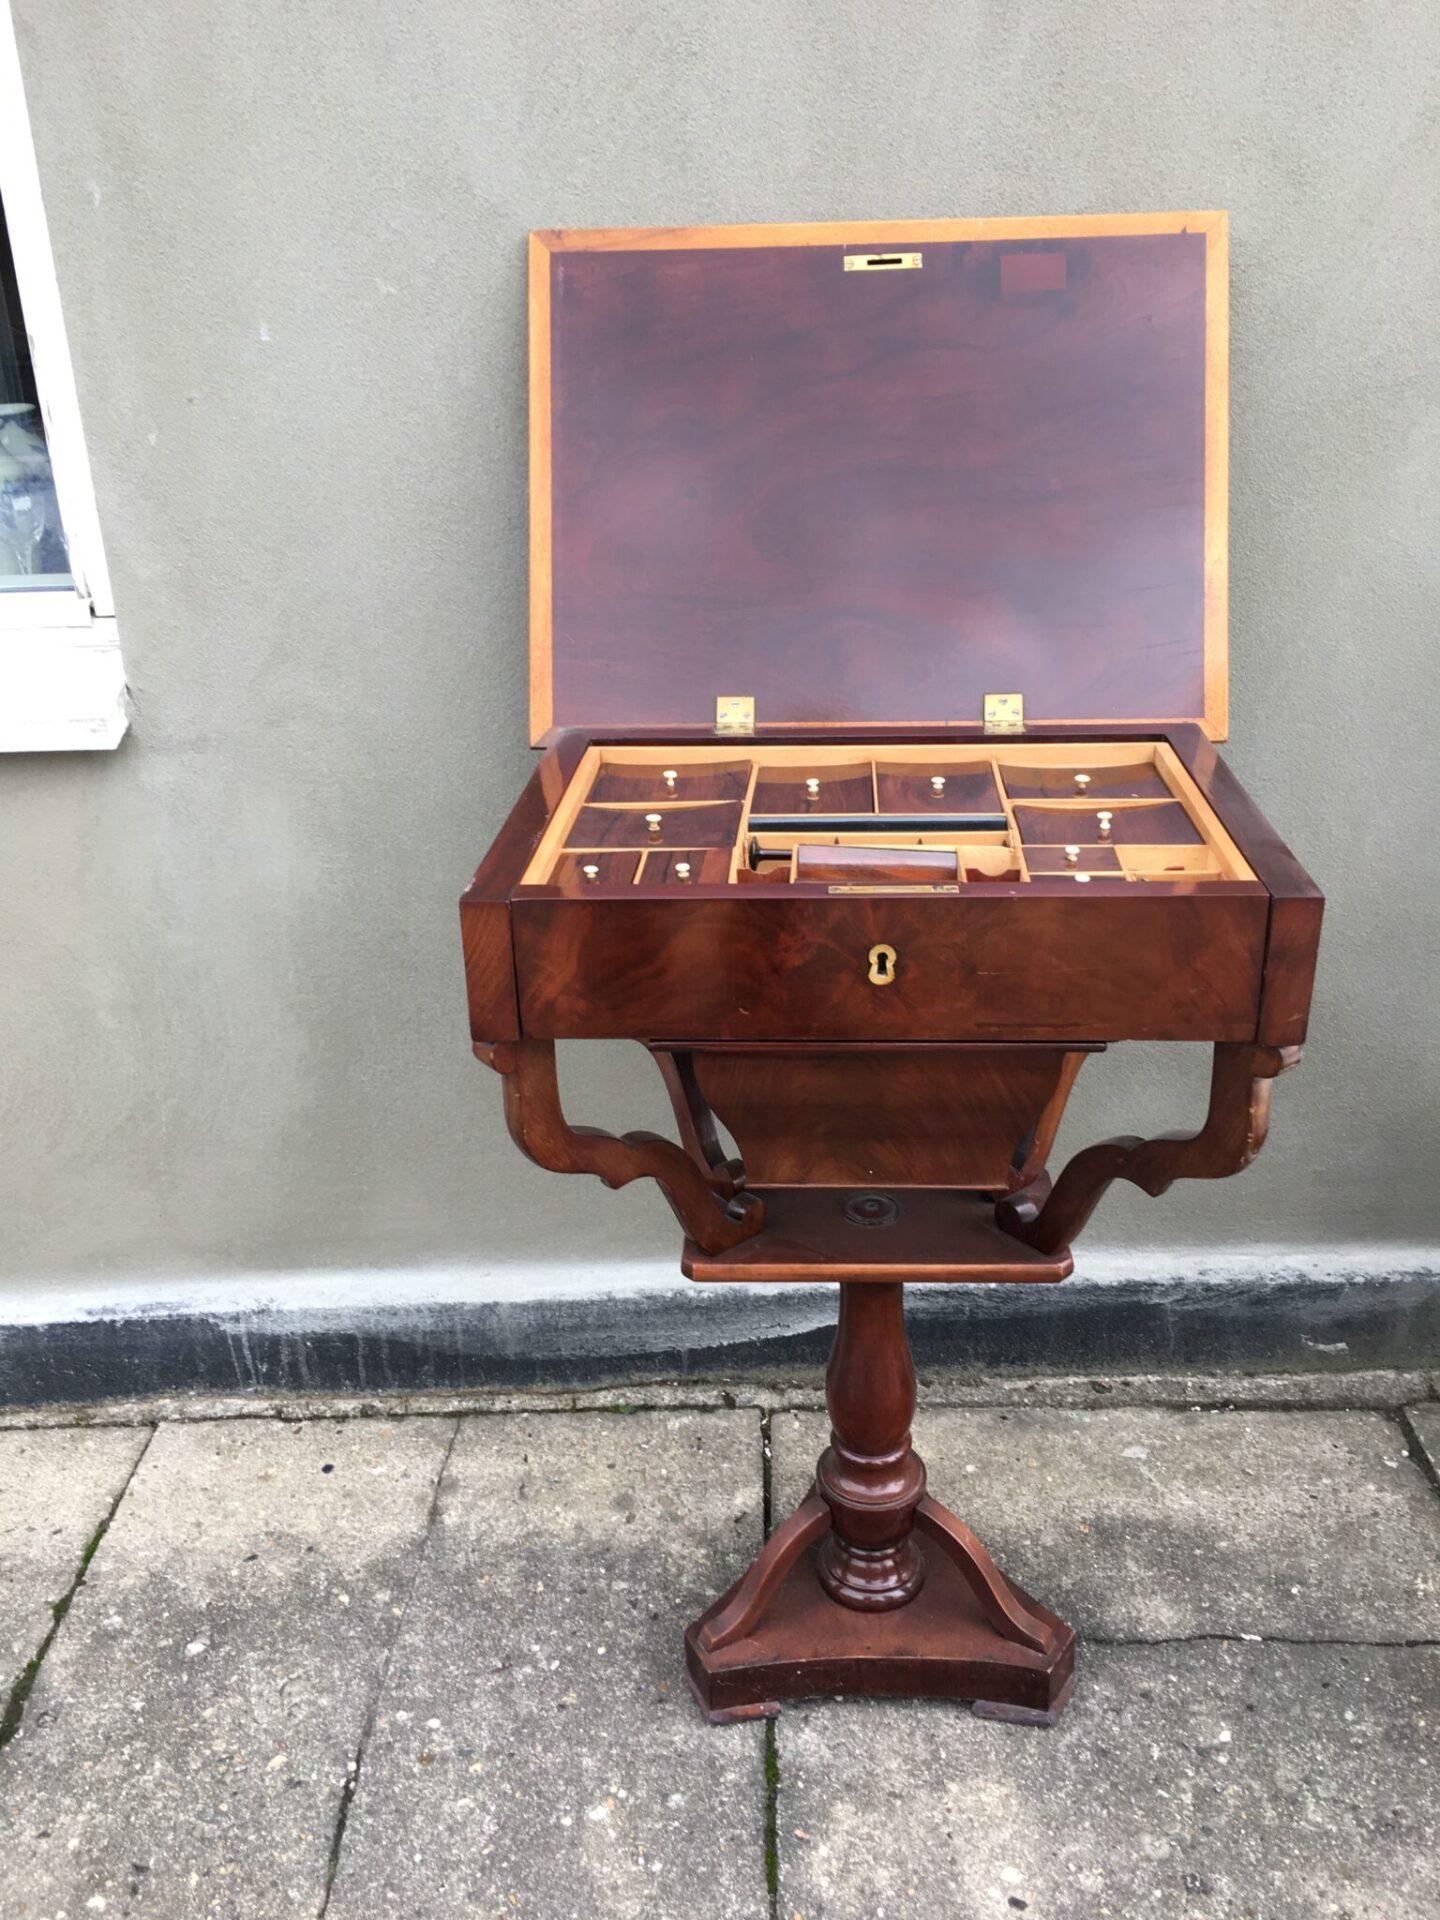 Lille fint sybord, velholdt, 1800-tallet, mahogni. Pris 1000 kr